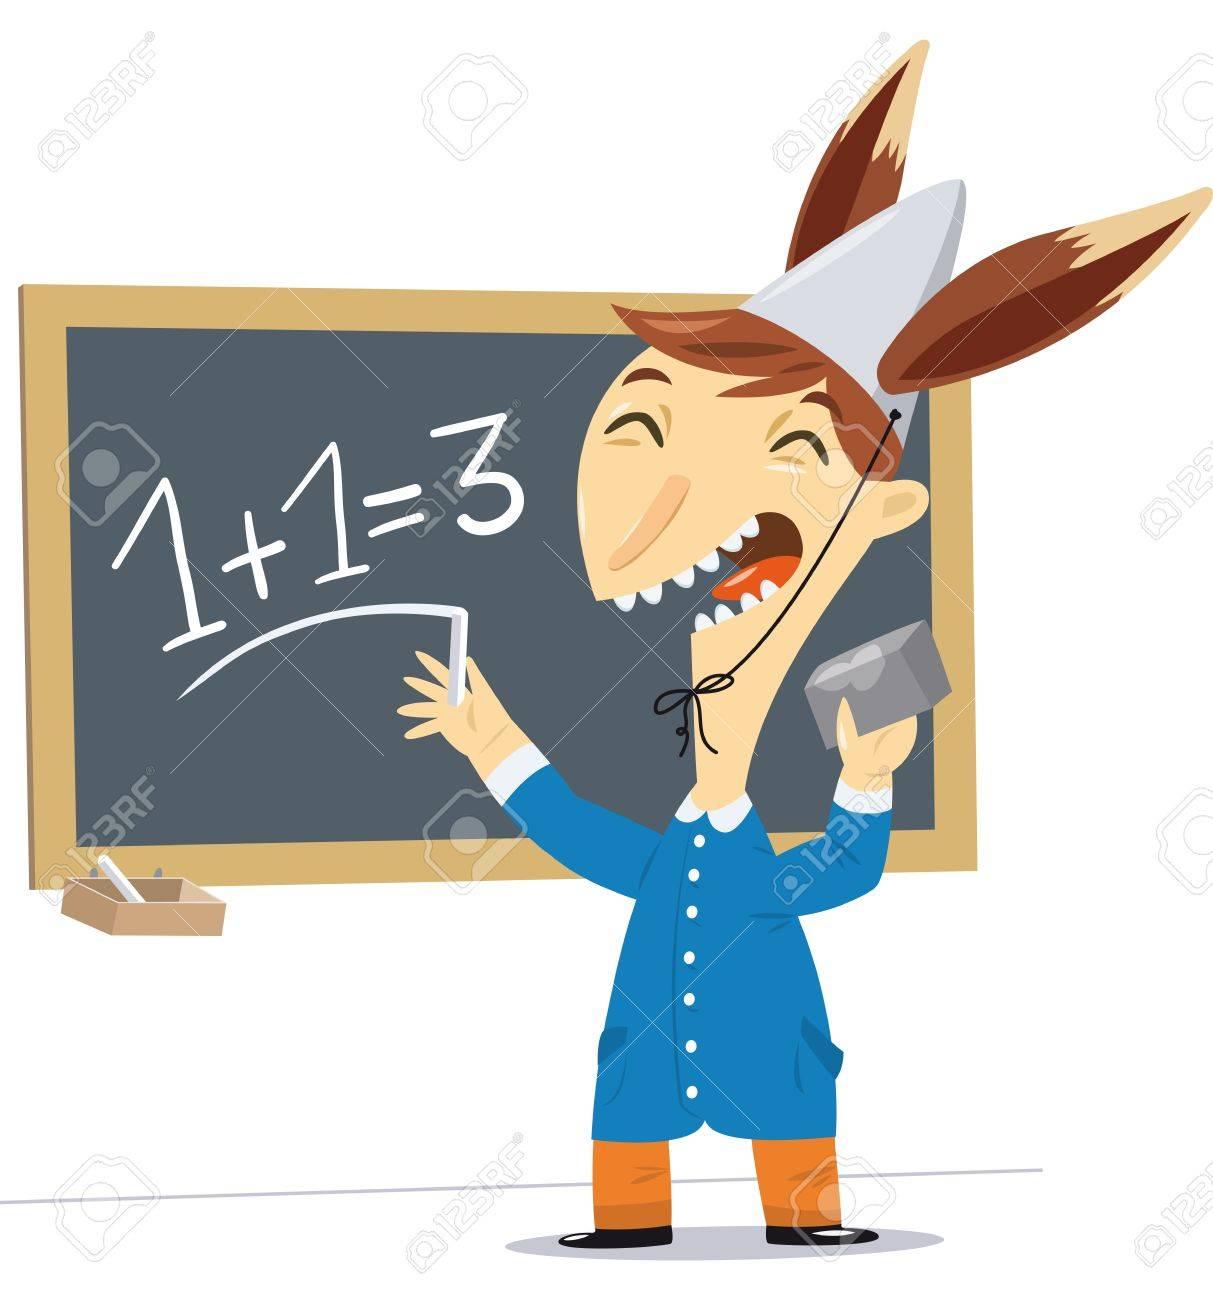 Un emoticono para tu estado de ánimo - Página 6 22156541-dibujo-de-un-ni%C3%B1o-con-un-sombrero-con-orejas-de-burro-hace-una-matem%C3%A1tica-equivocada-